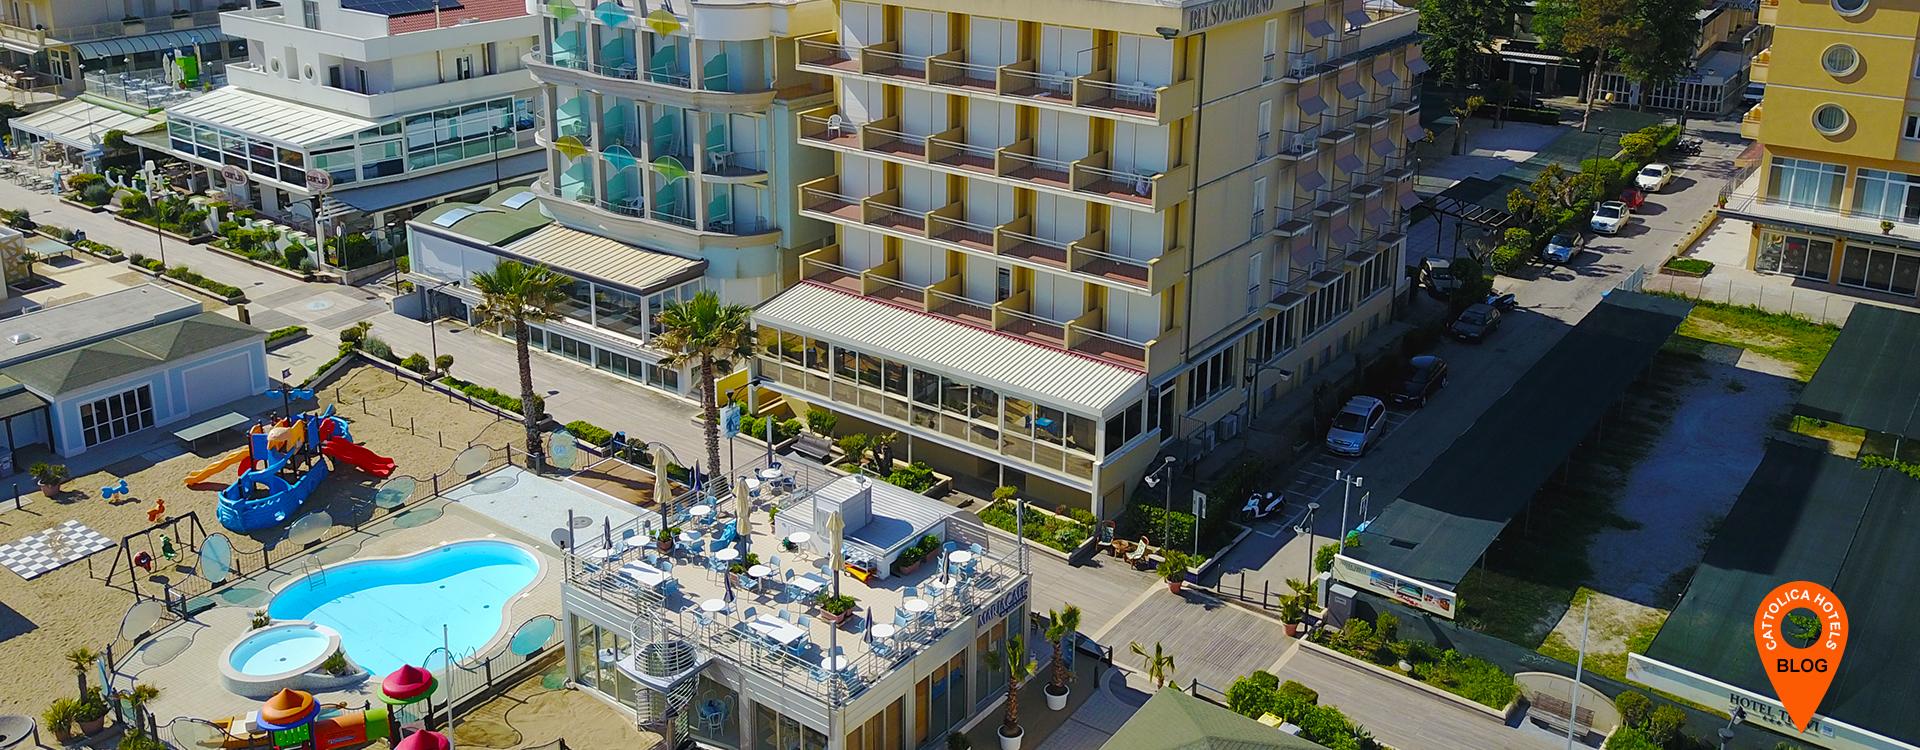 una vacanza in hotel sul mare cattolica all incusive. la devi provare!